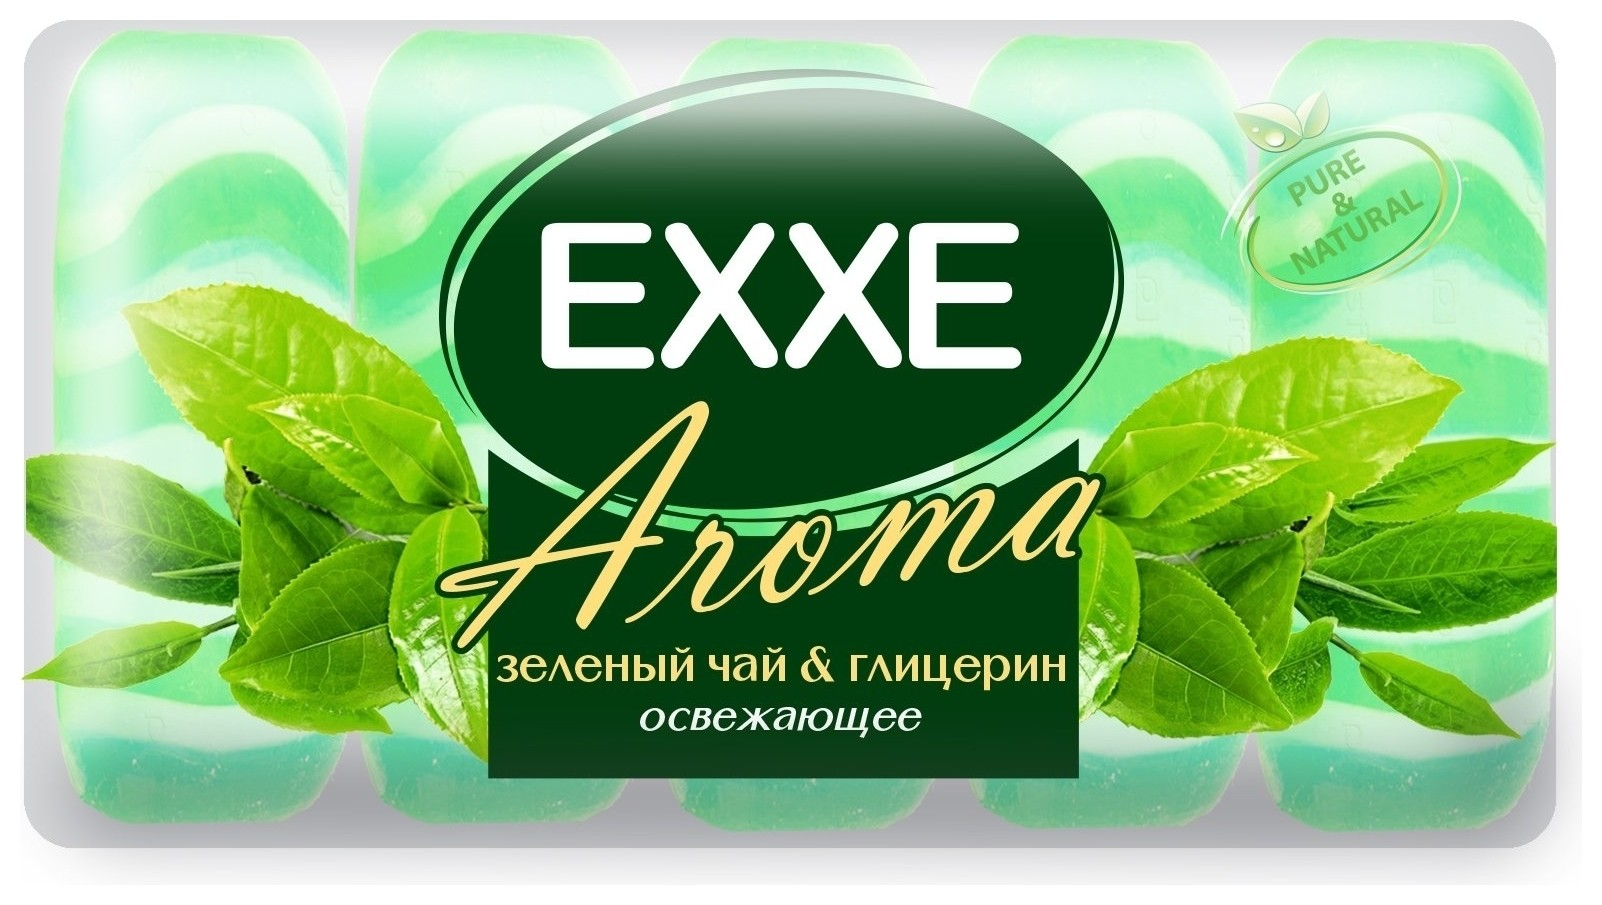 Крем-мыло для рук Зеленый чай и глицерин  Exxe